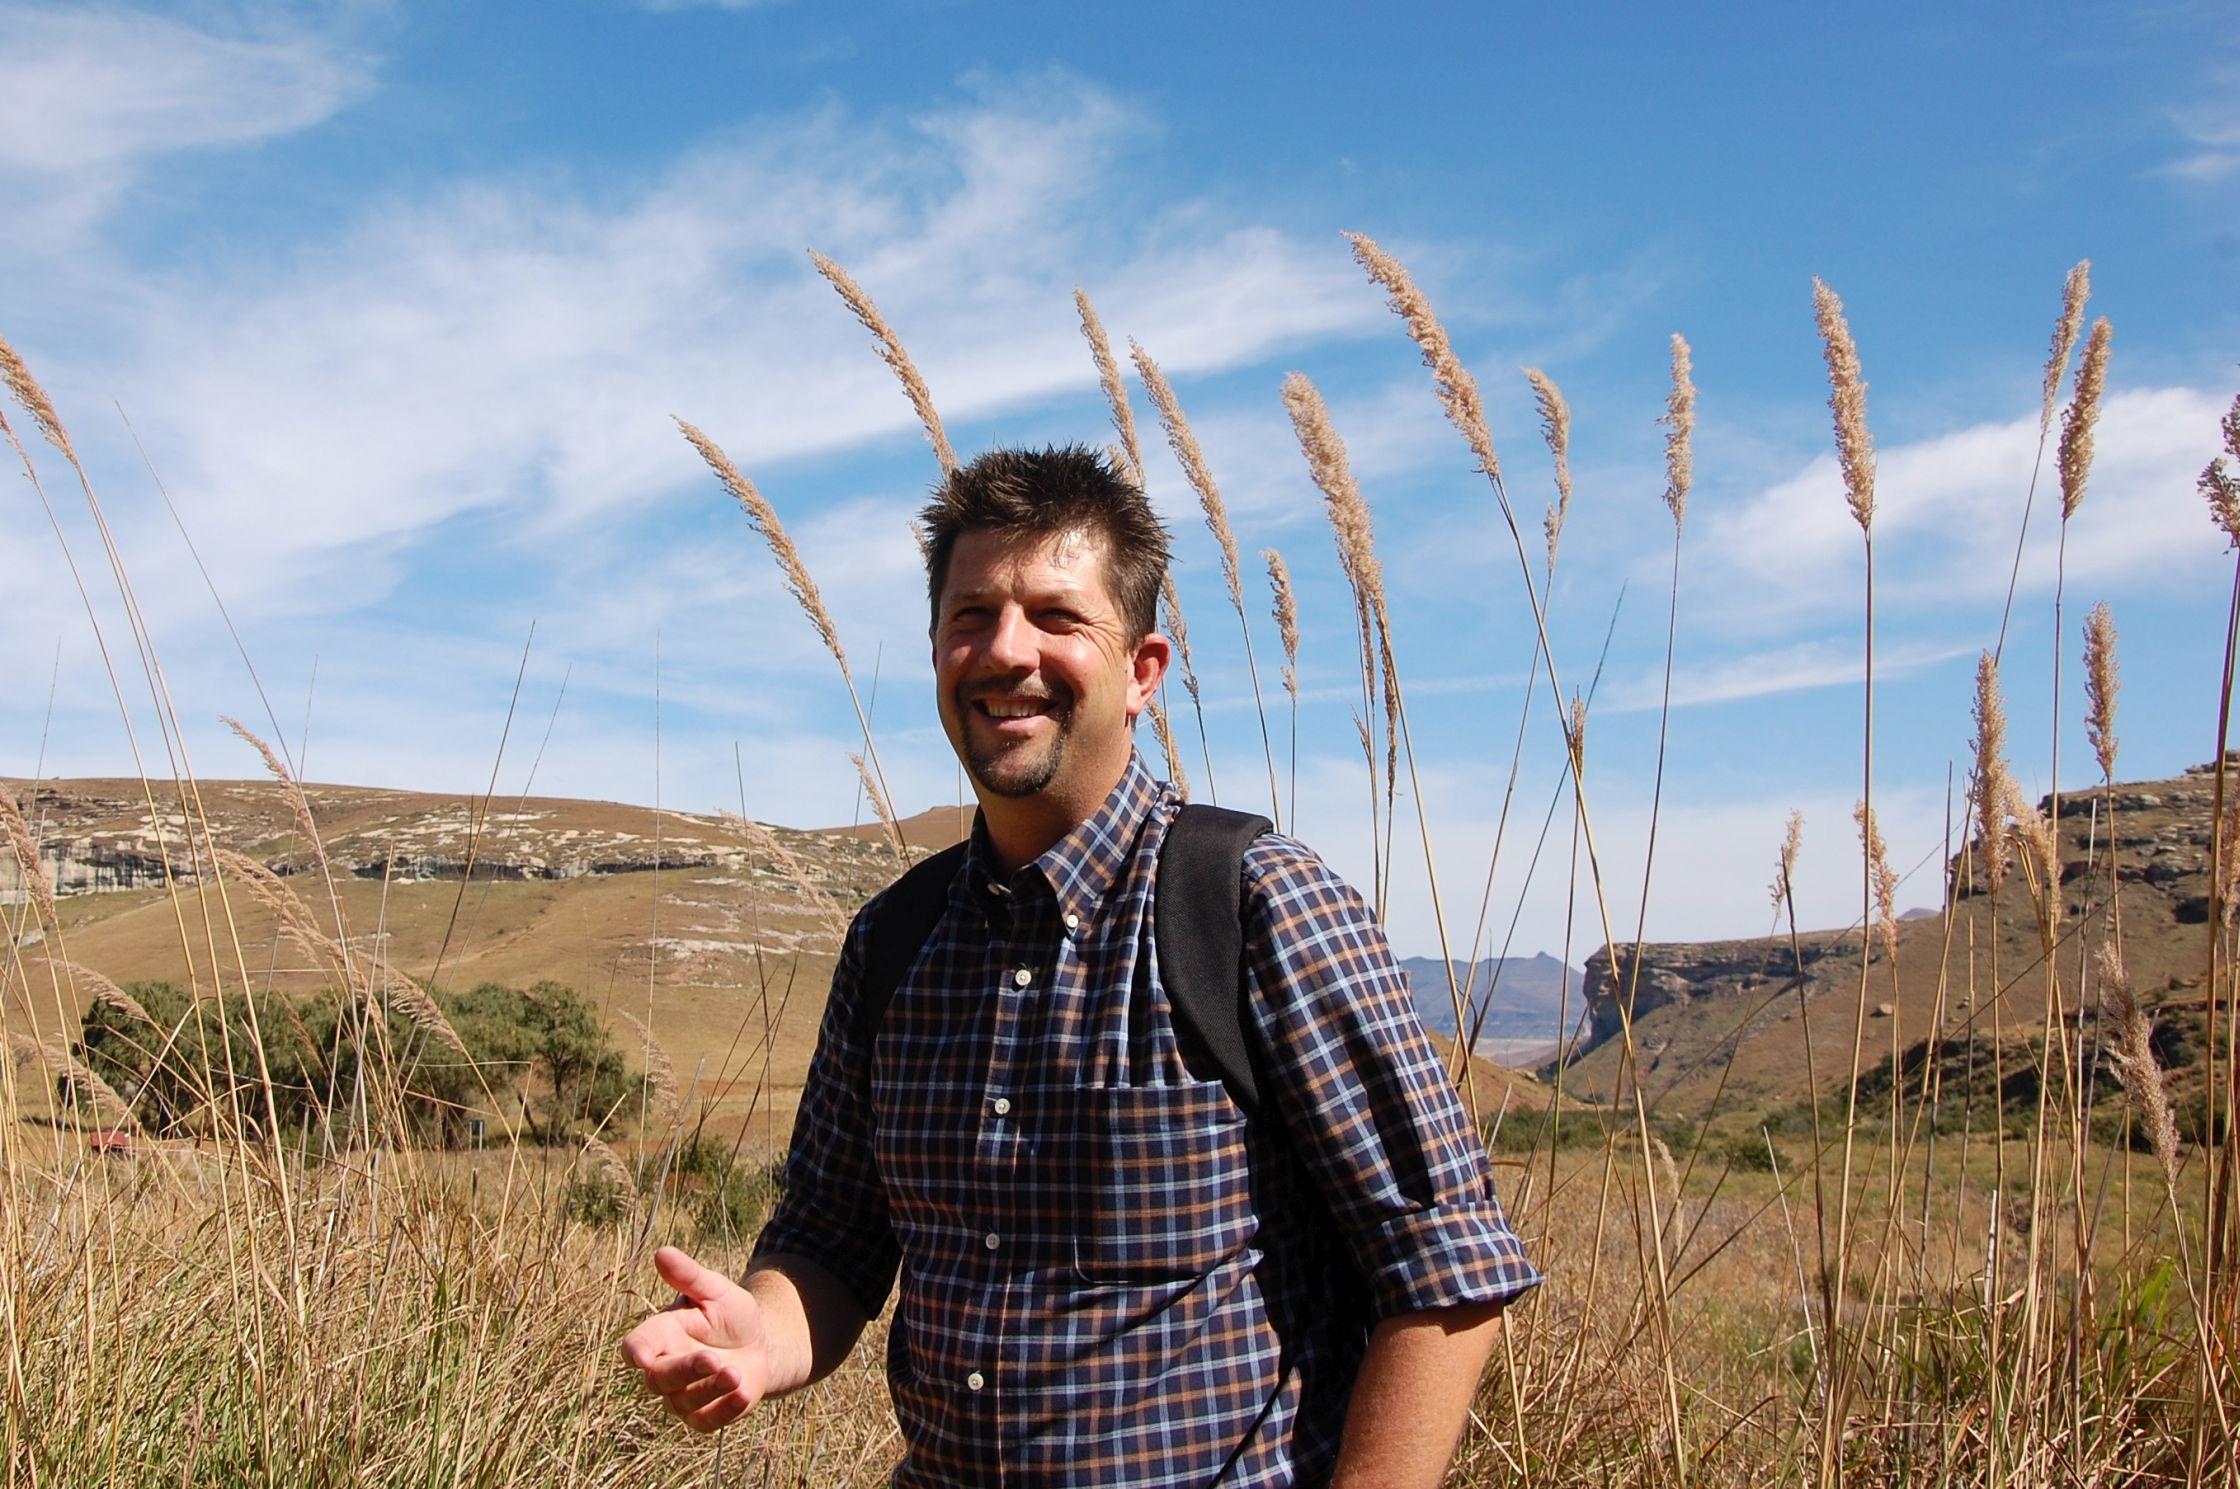 Tourguide Thomas spricht neben Afrikaans und Englisch auch deutsch.